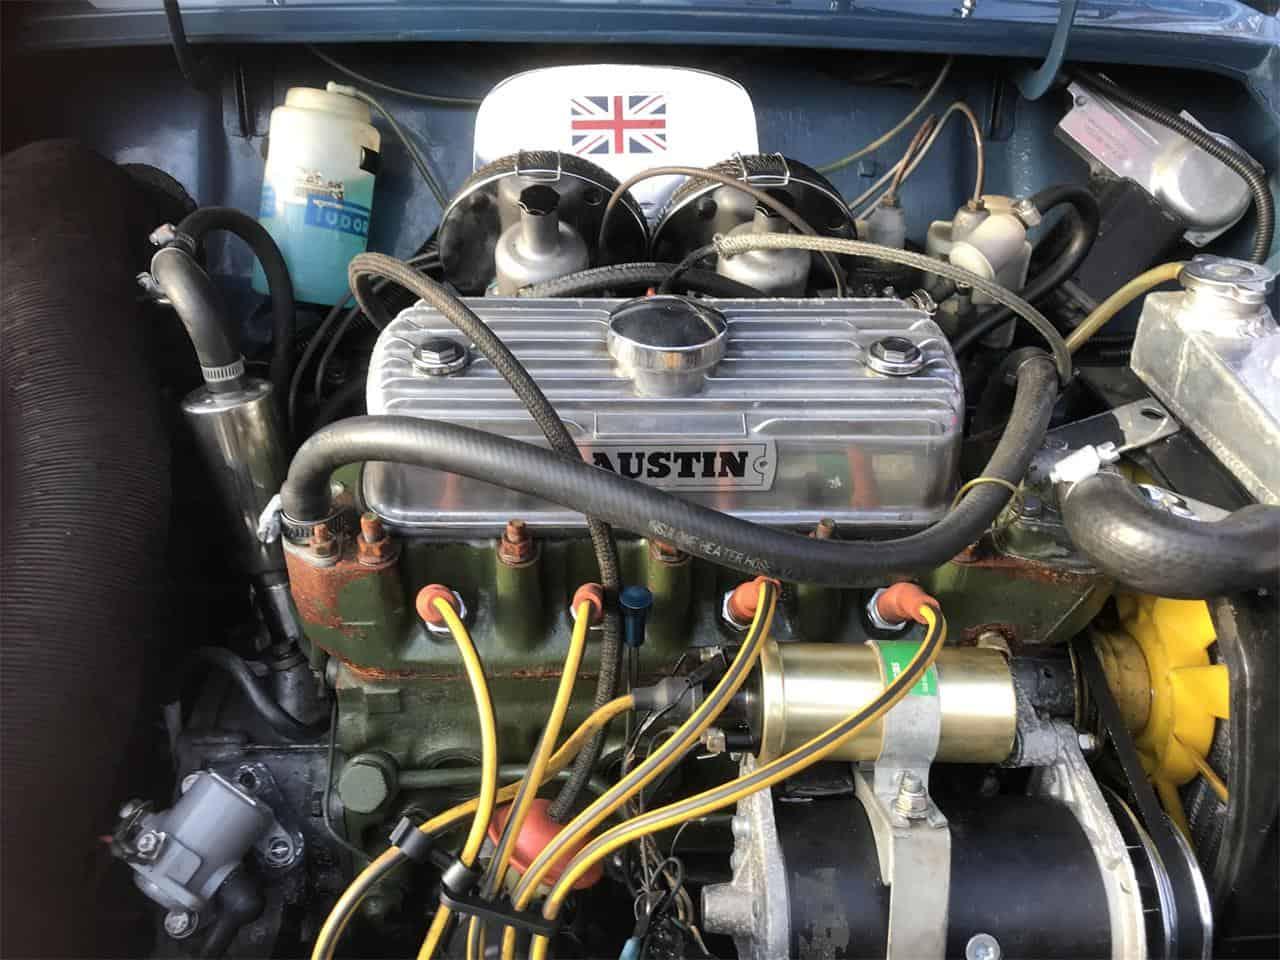 1967 Austin Mini Mark ll